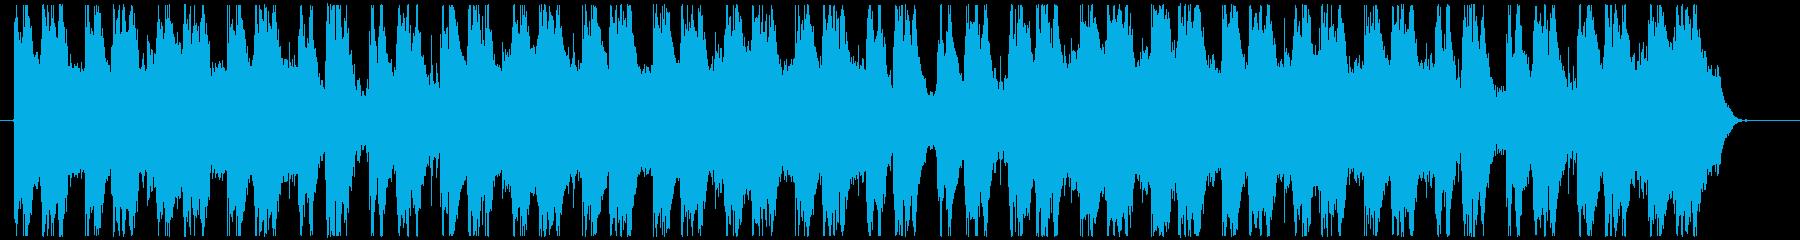 緊迫したファンタジー系ストリングスの再生済みの波形